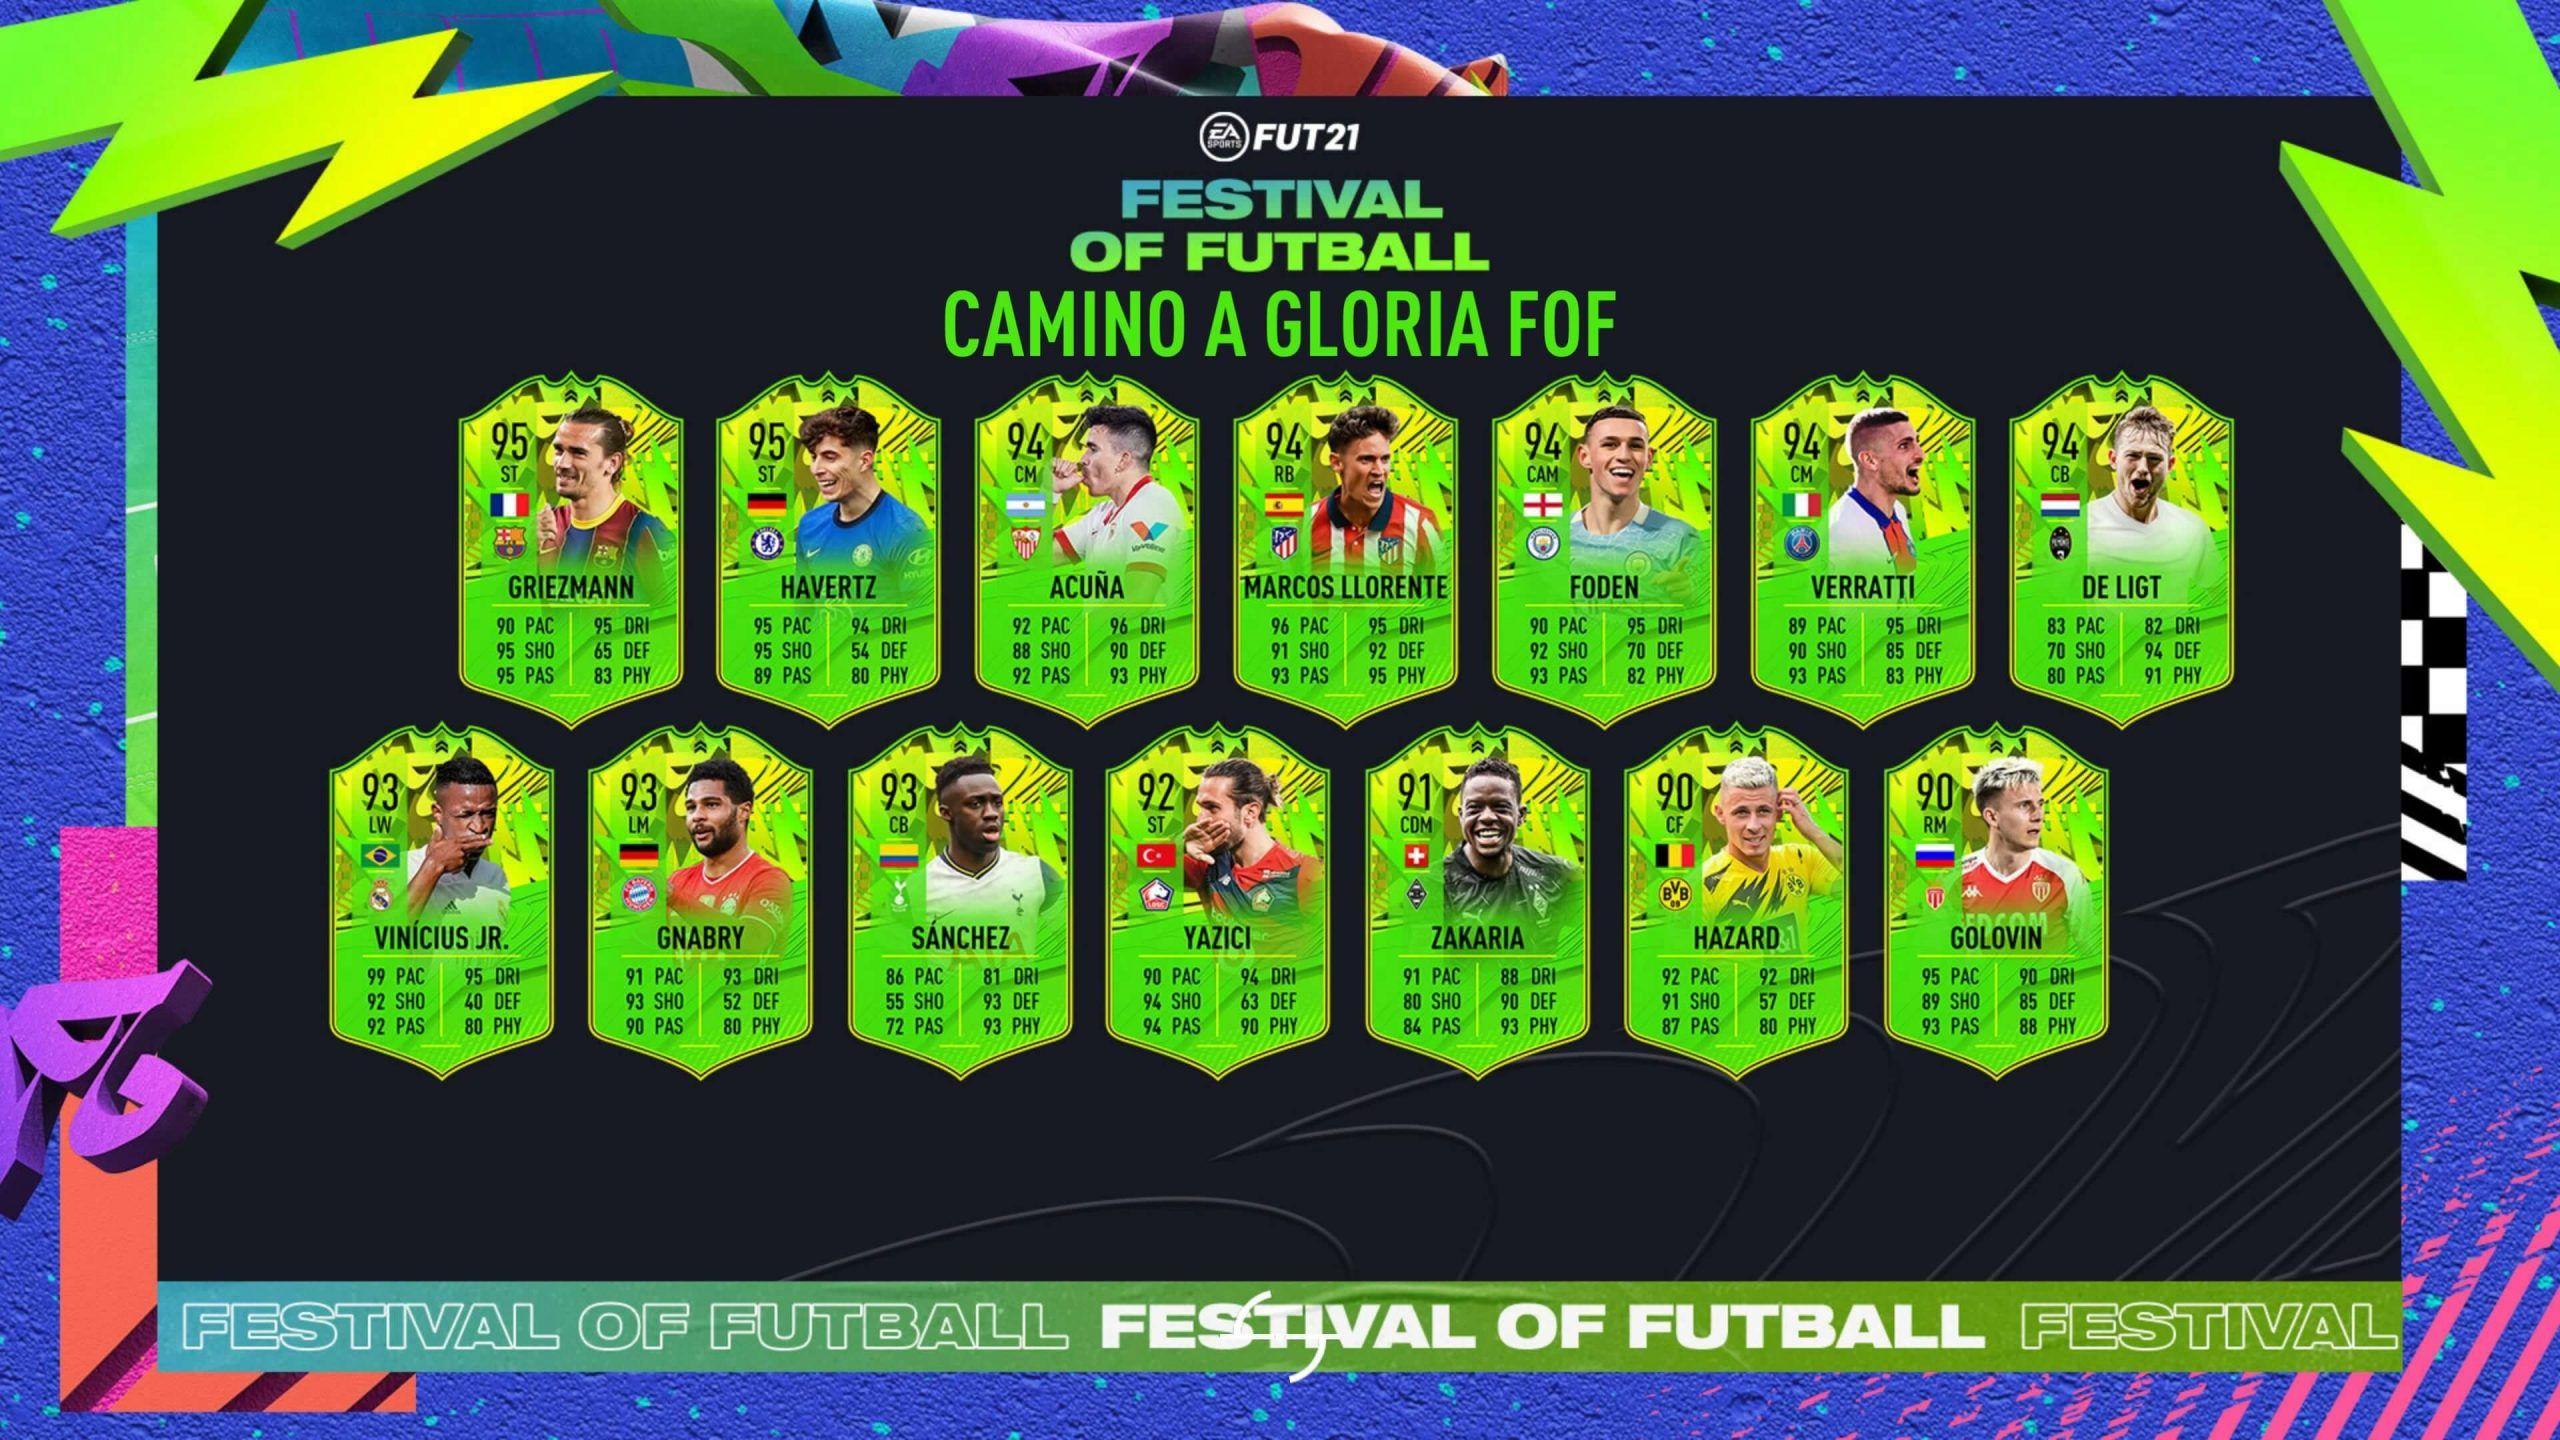 Primer equipo del Festival of Futball de FIFA 21 Ultimate Team